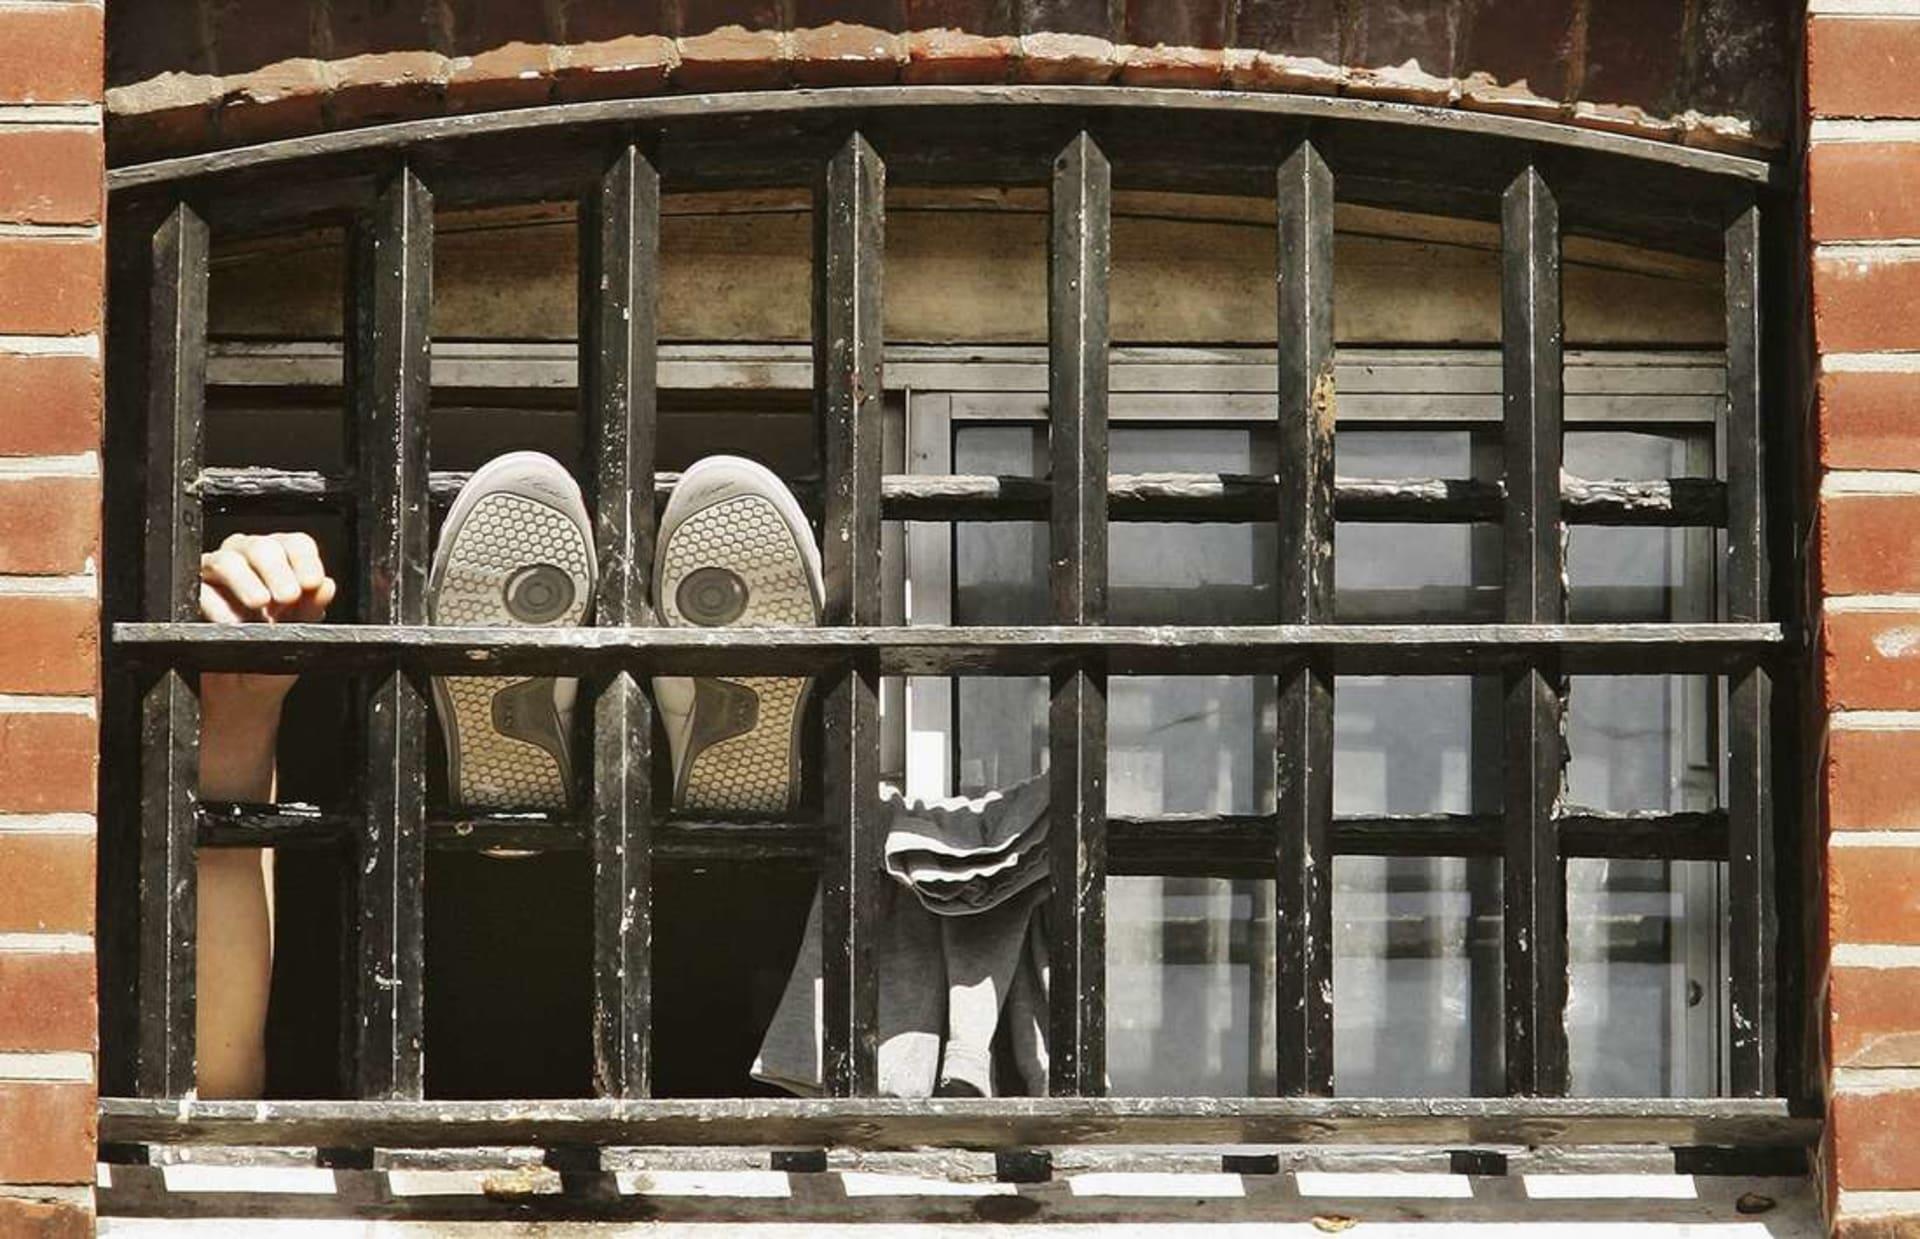 معاناة حامد كمال بن حيدرة في سجن يمني -رأي لجواد مبروكي